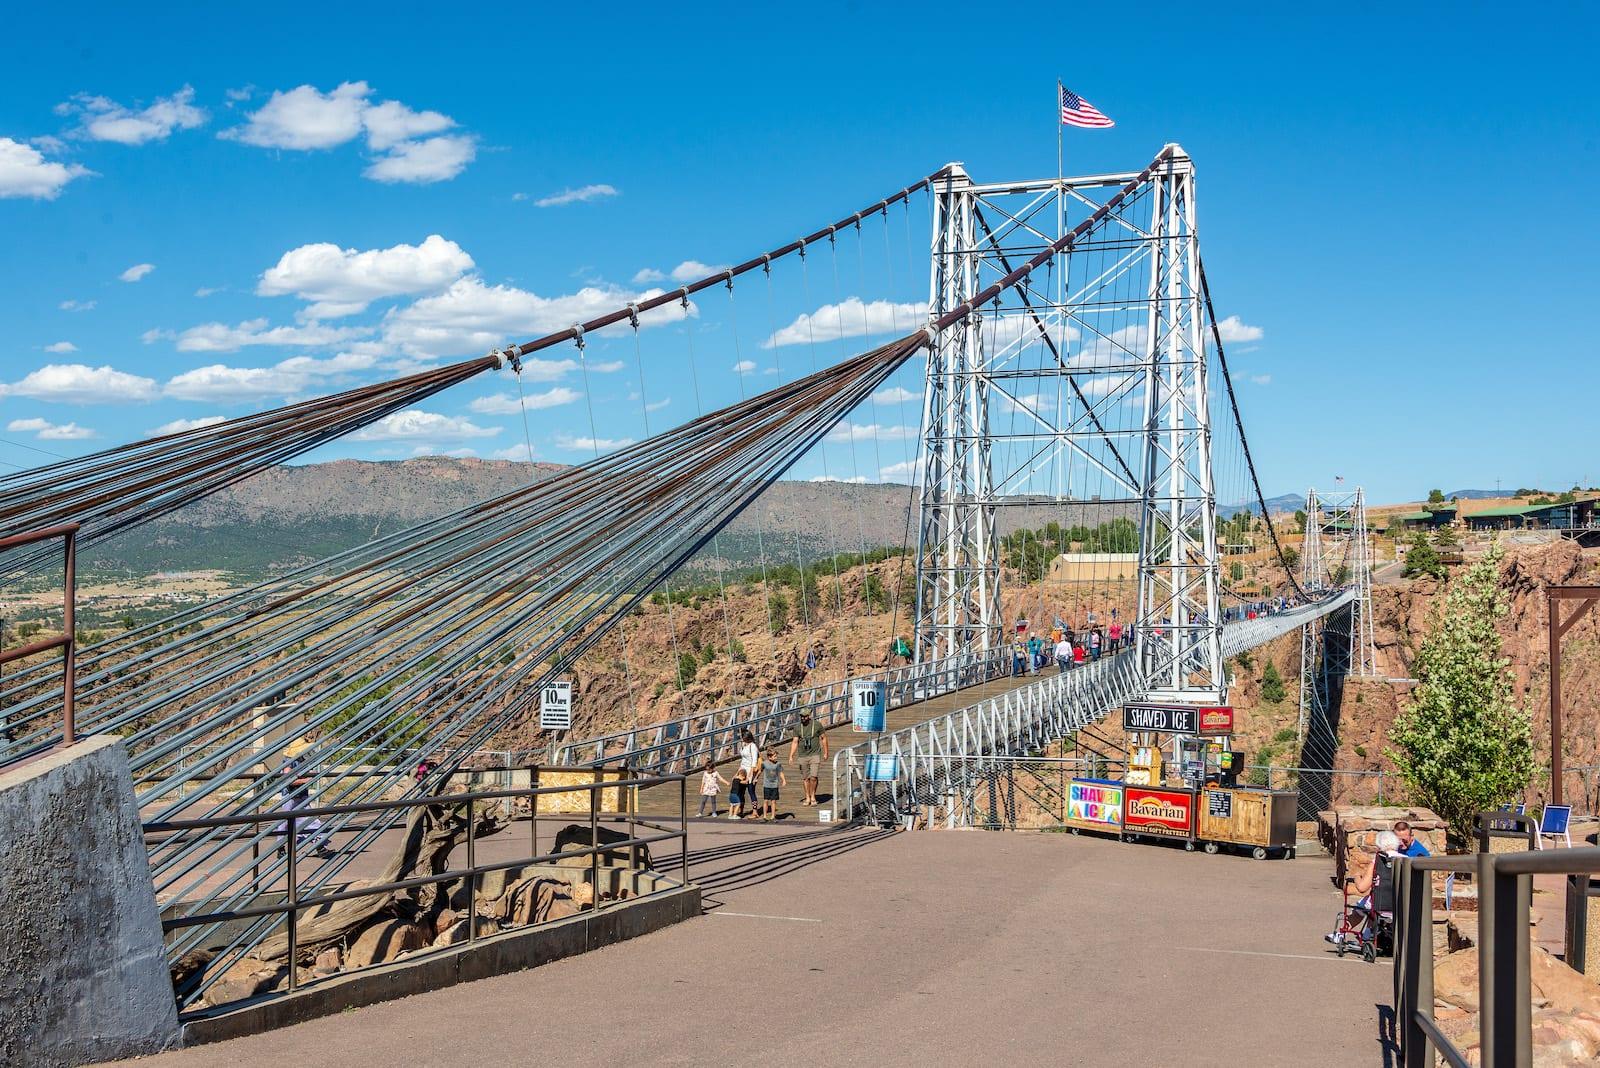 Royal Gorge Bridge and Park Cañon City CO